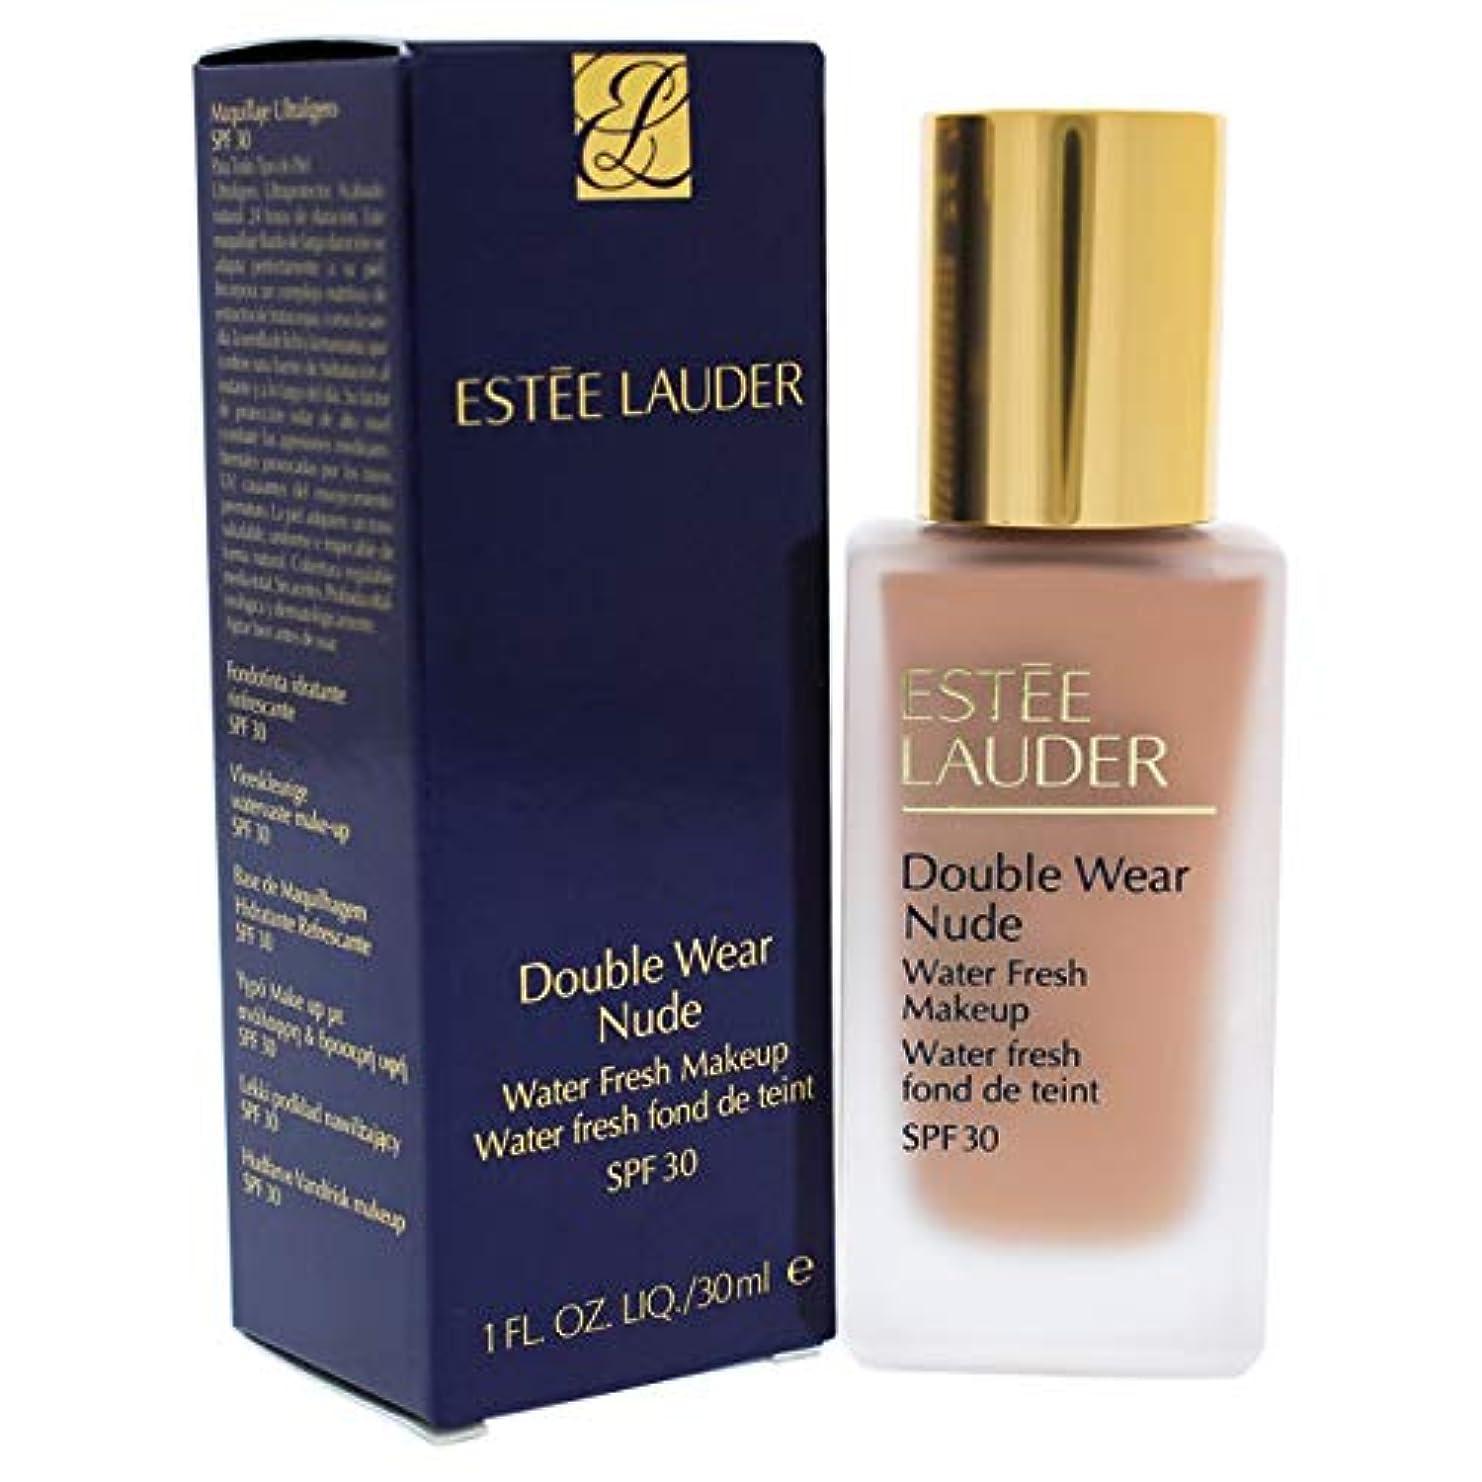 フラグラント飢えシルエットエスティローダー Double Wear Nude Water Fresh Makeup SPF 30 - # 4C1 Outdoor Beige 30ml/1oz並行輸入品